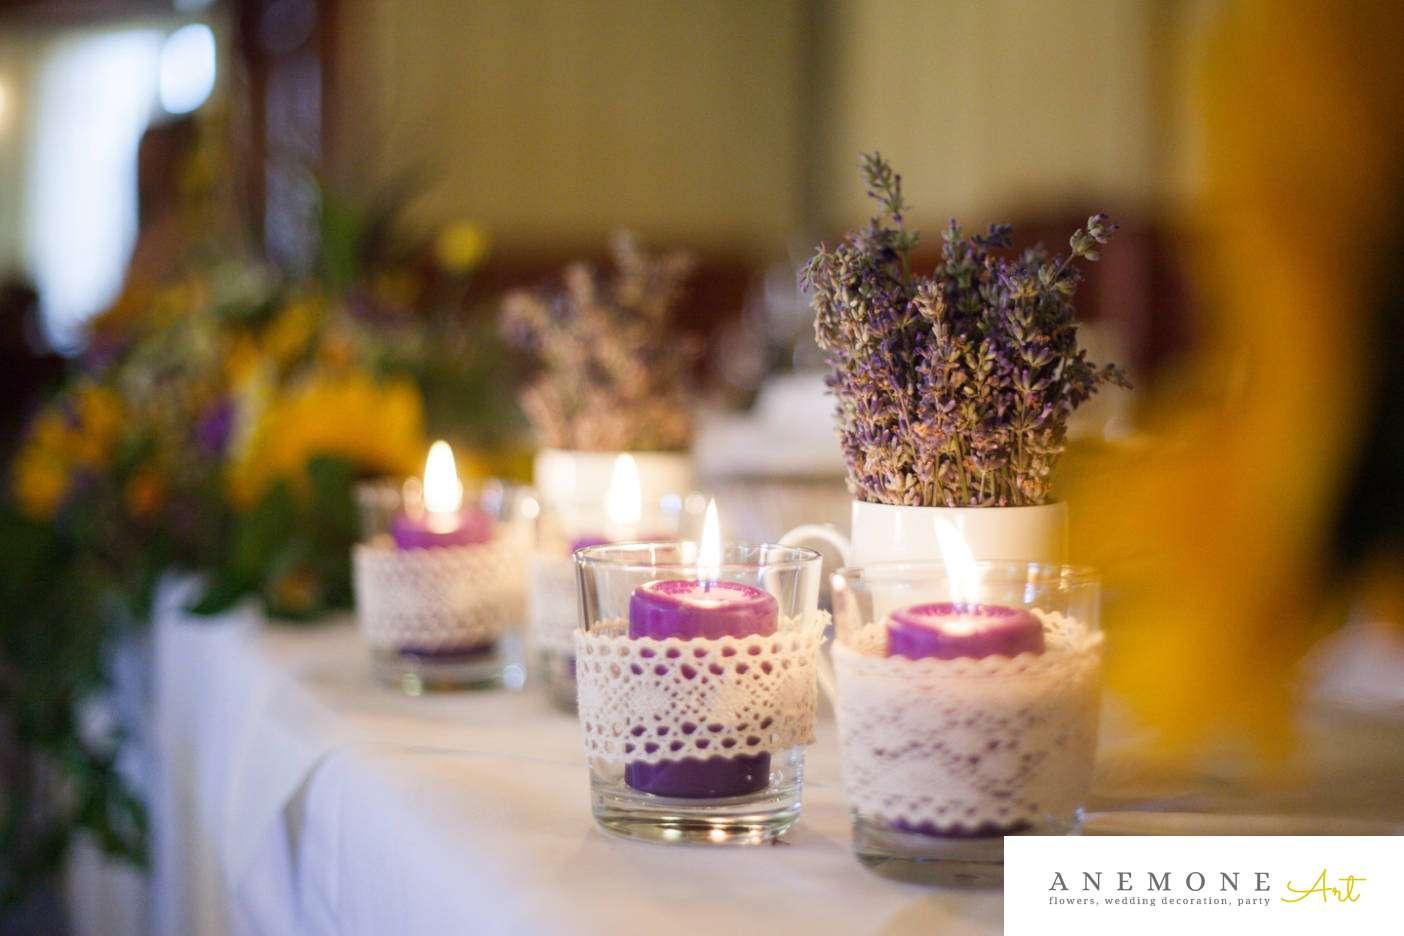 Poza, foto cu Flori de nunta detaliu, hotel coandi, lavanda, lumanare, prezidiu in Arad, Timisoara, Oradea (wedding flowers, bouquets) nunta Arad, Timisoara, Oradea